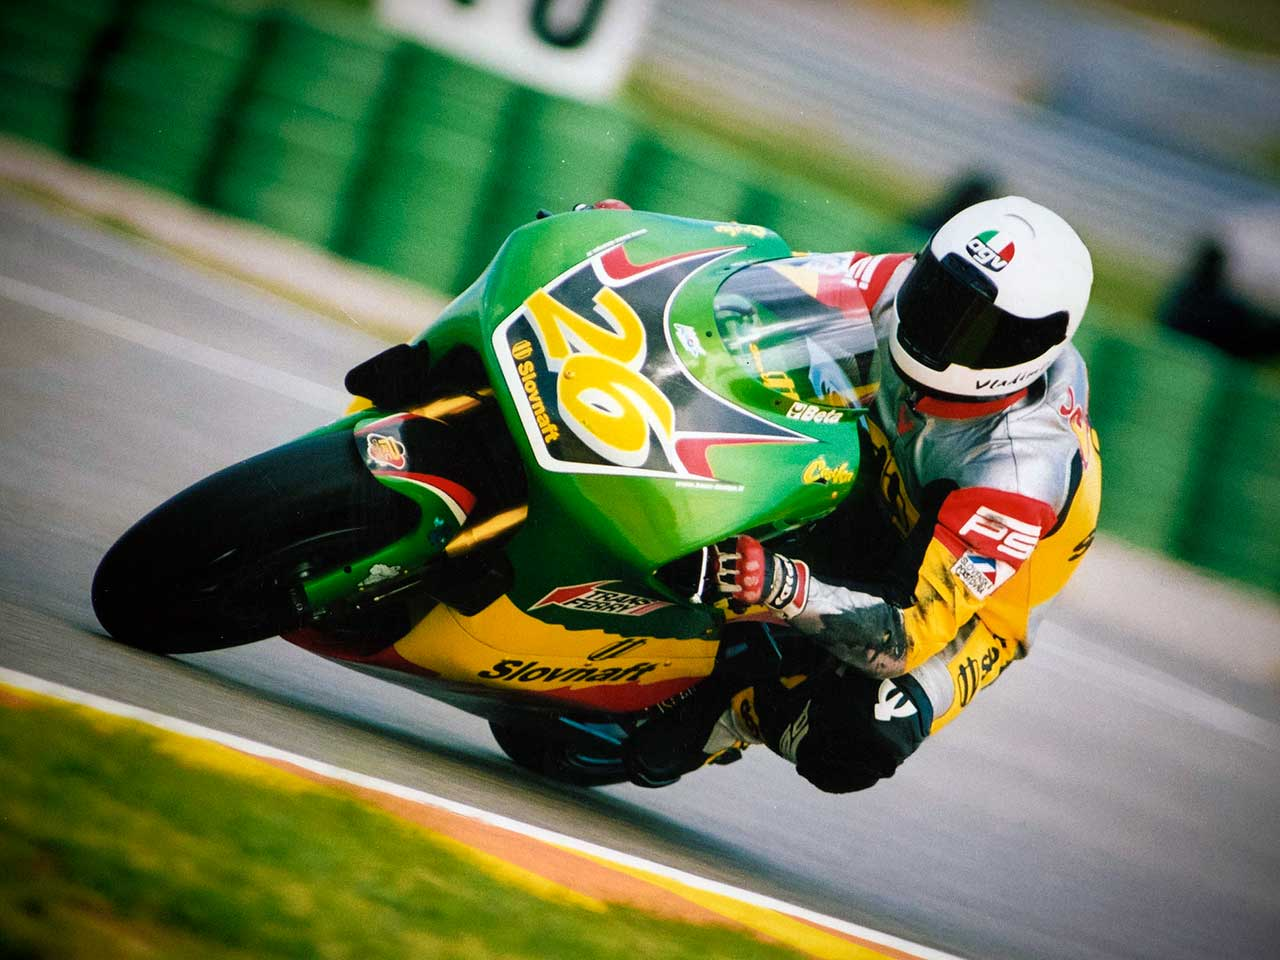 Paton_Storia-Anni2000_Vladimir-Catscka_Campionato-Mondiale-500cc_2001